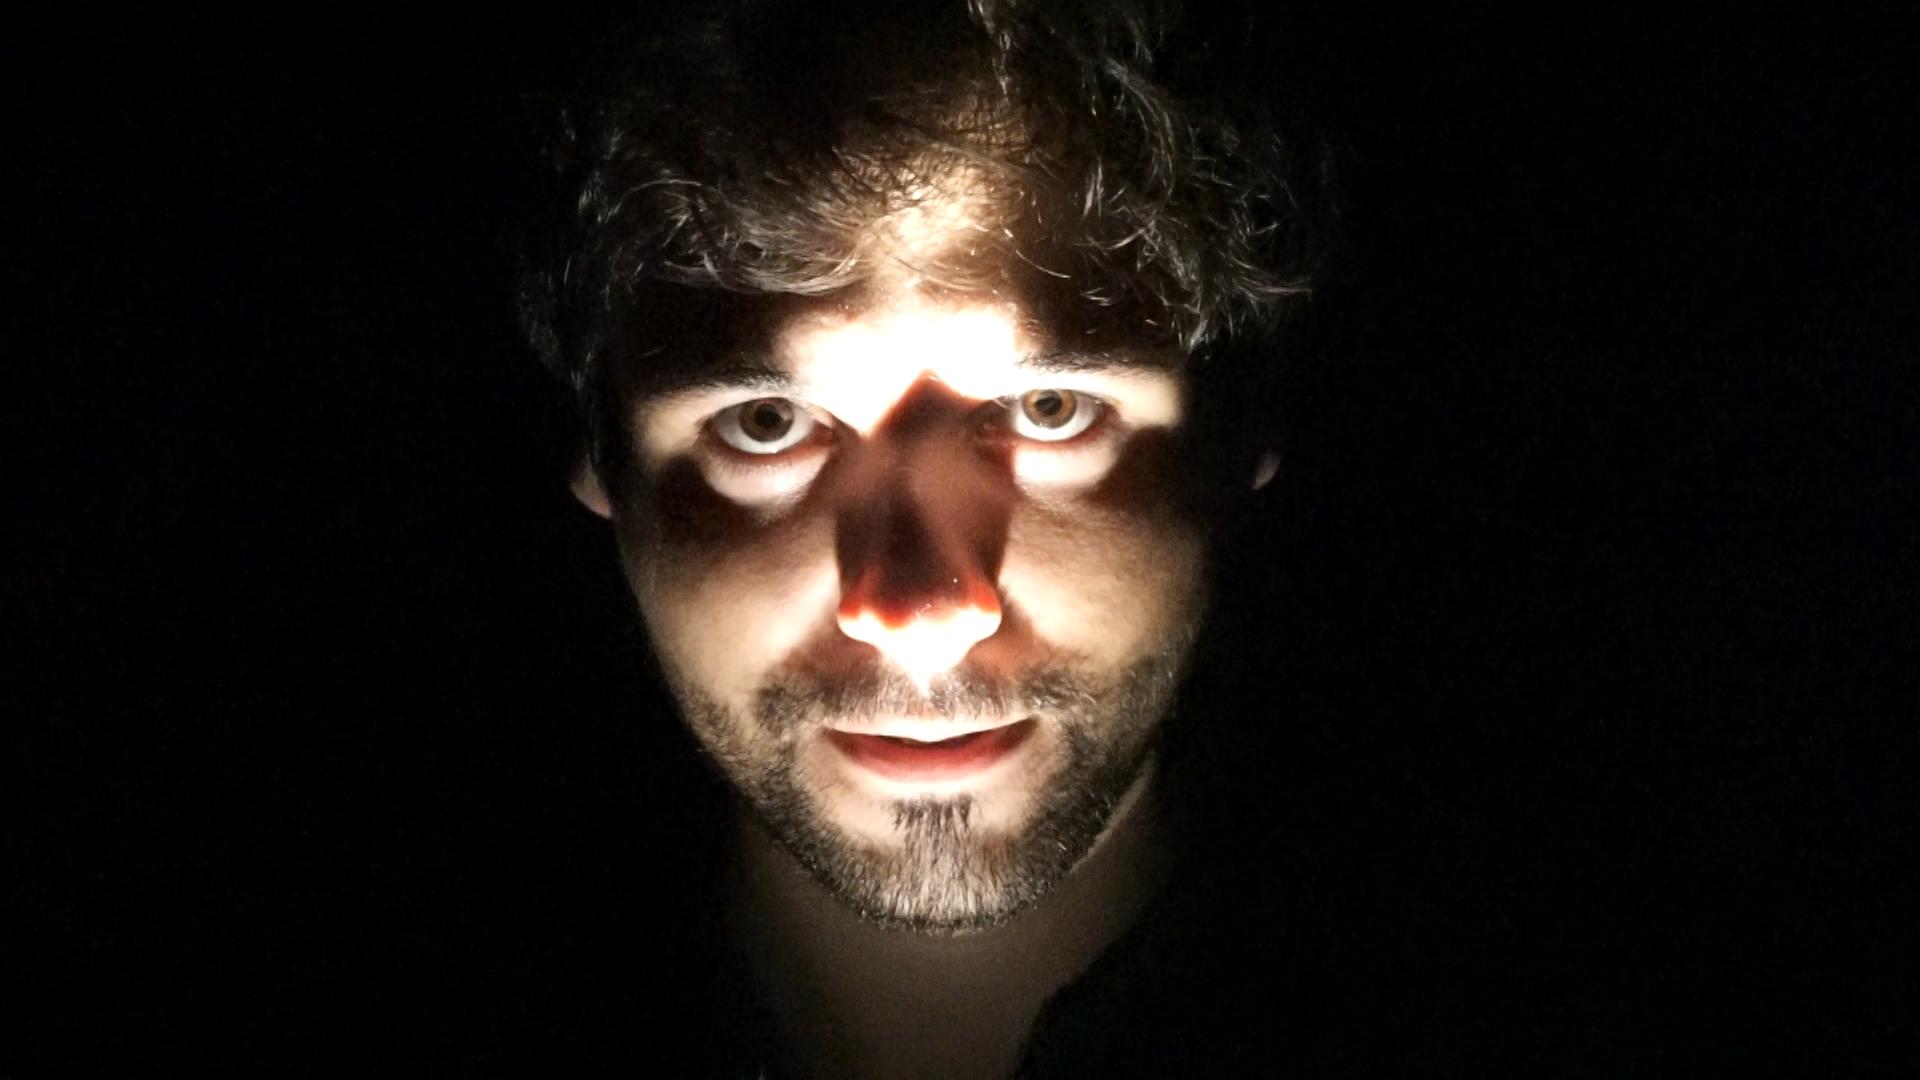 ¿Por qué nos asusta la oscuridad? - S de Stendhal